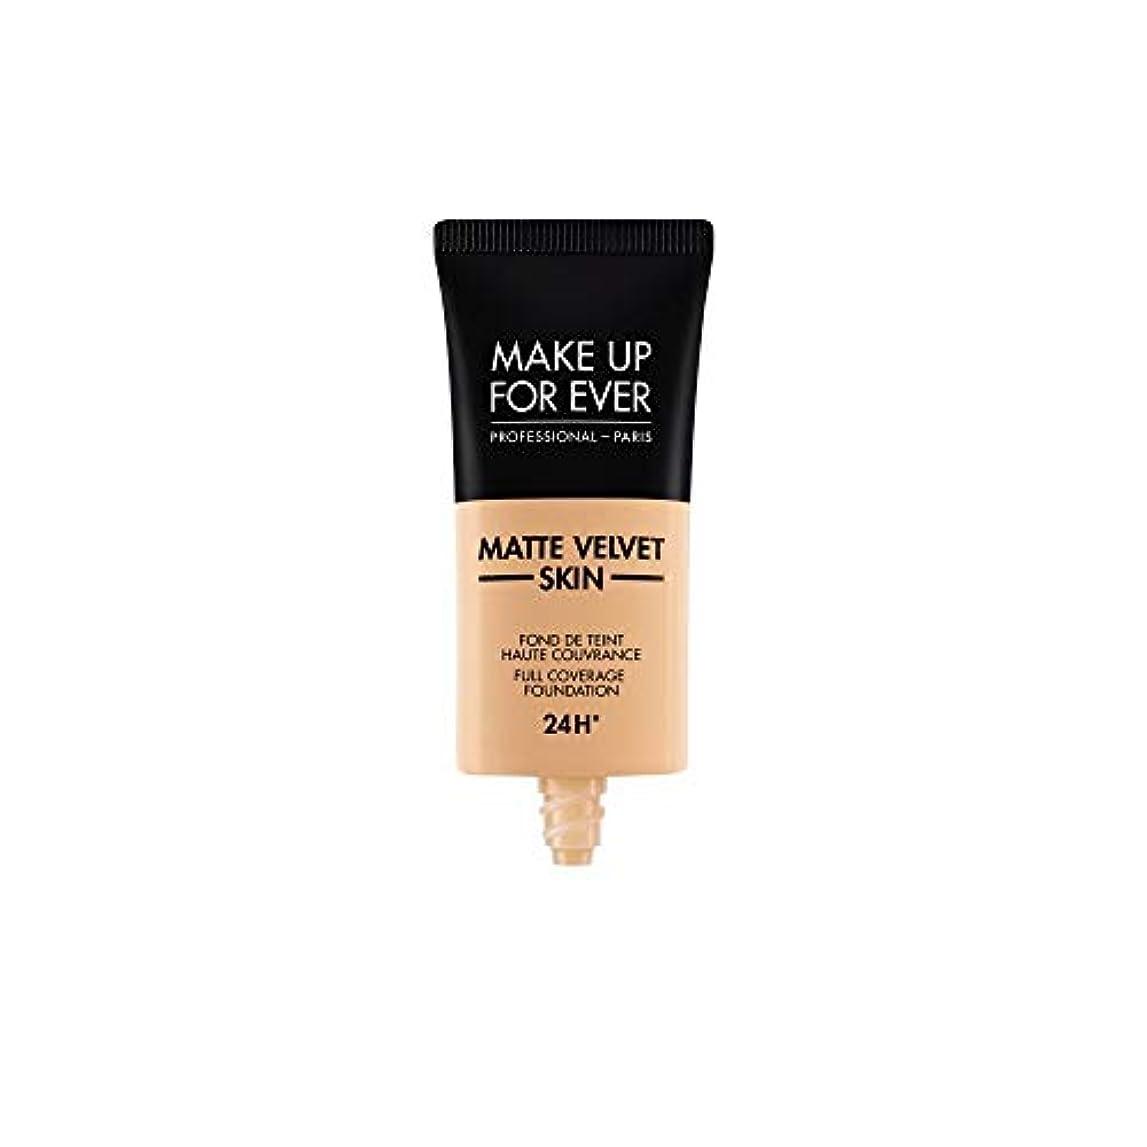 撤退スペルドリンクメイクアップフォーエバー Matte Velvet Skin Full Coverage Foundation - # Y305 (Soft Beige) 30ml/1oz並行輸入品